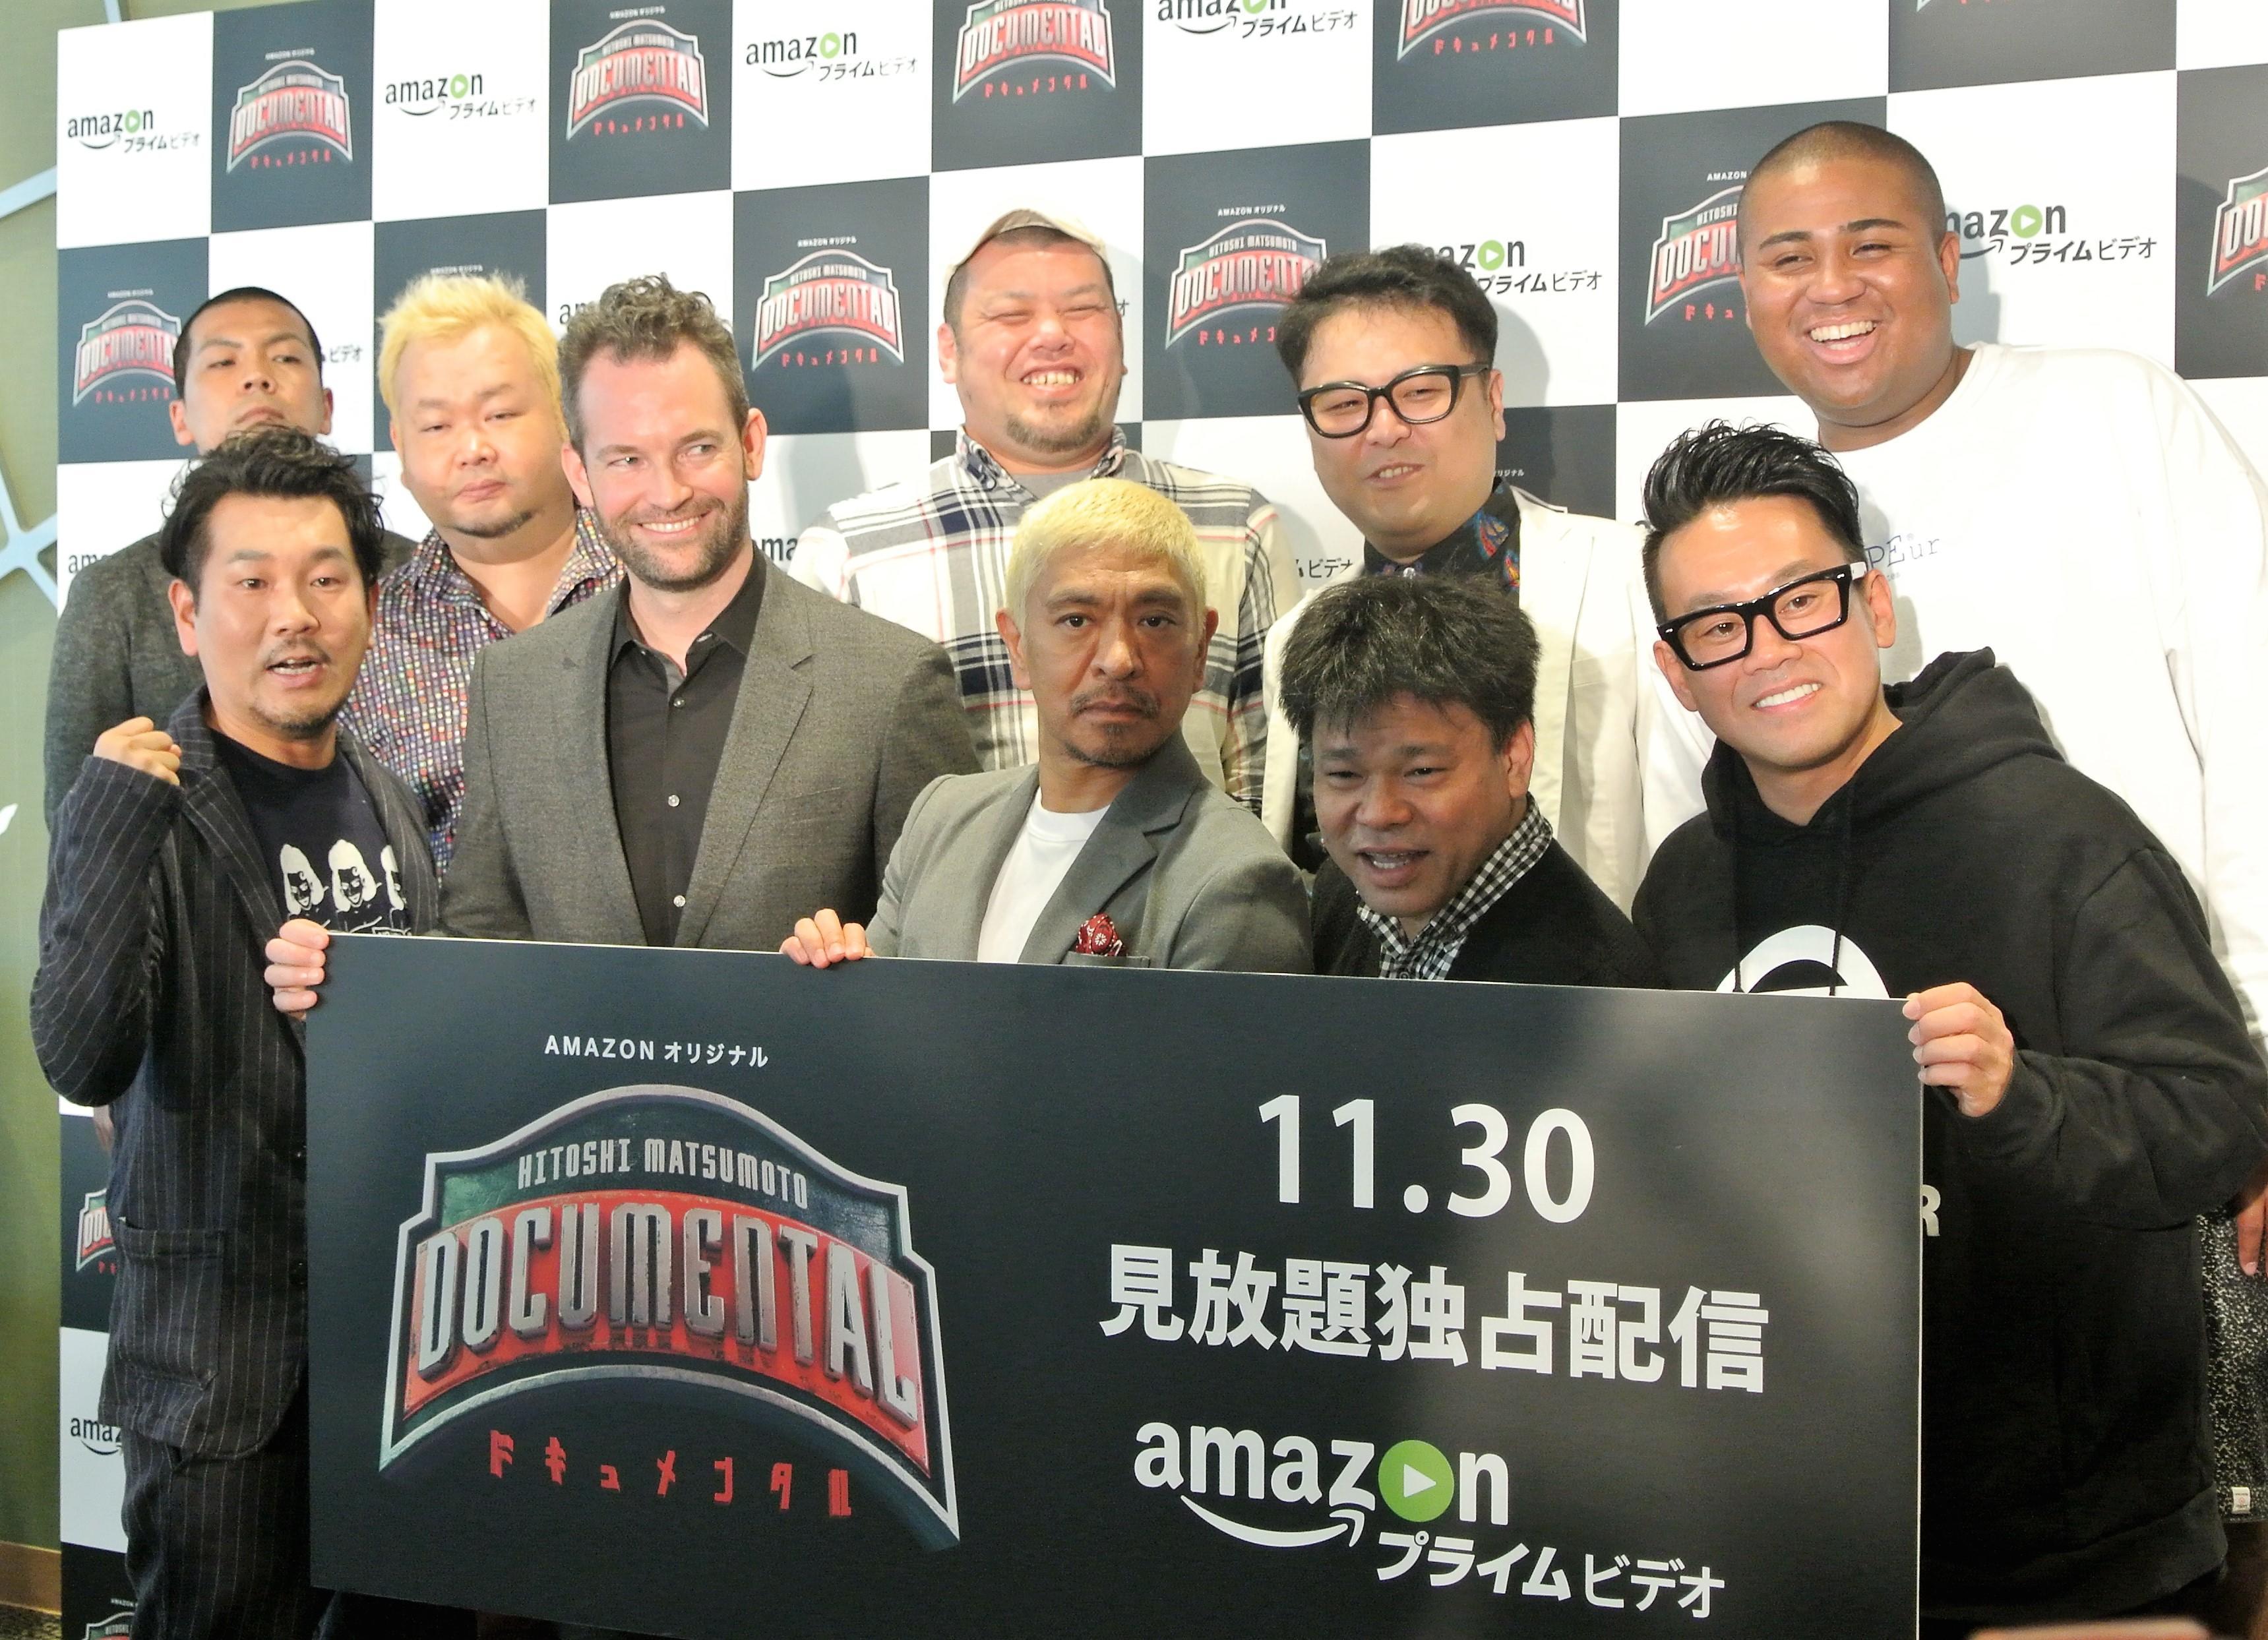 http://news.yoshimoto.co.jp/20161130233321-ff5275958e1d2c1afbd5254ebf035571f36fb8b0.jpg